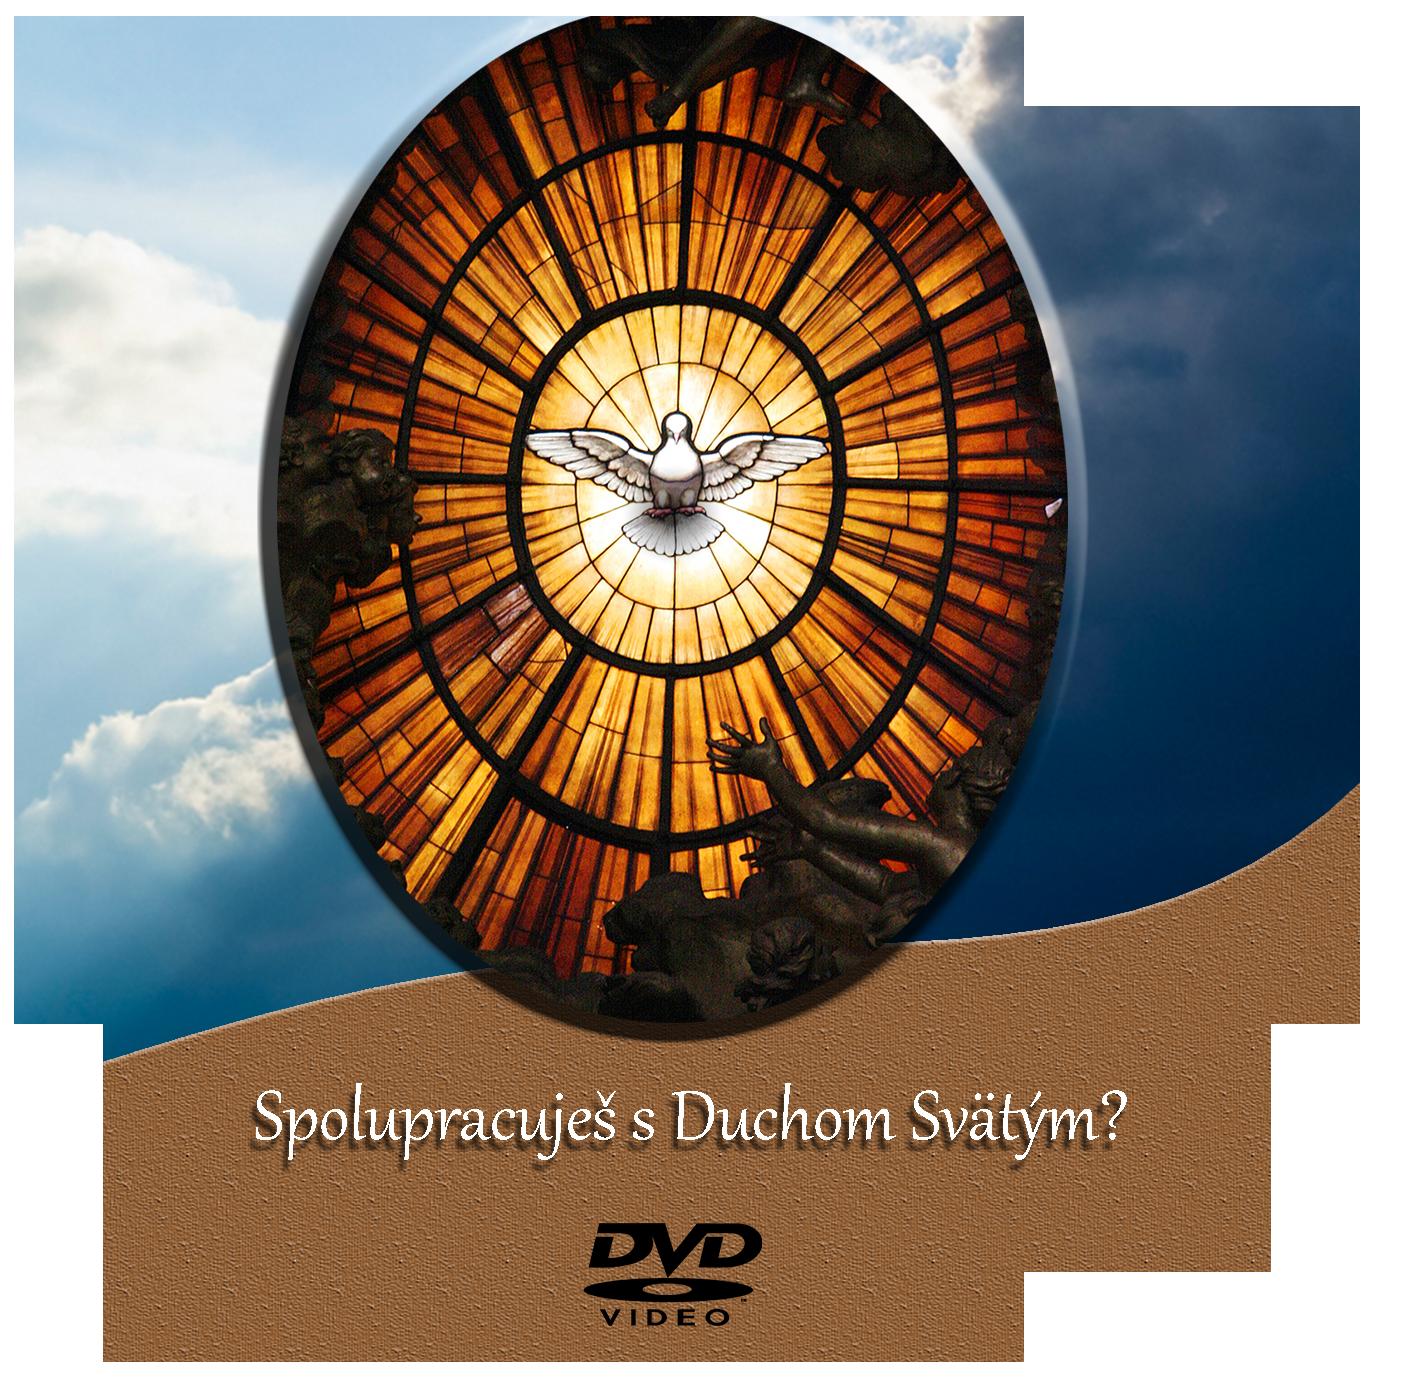 DVD Spolupracuješ s Duchom Svätým?